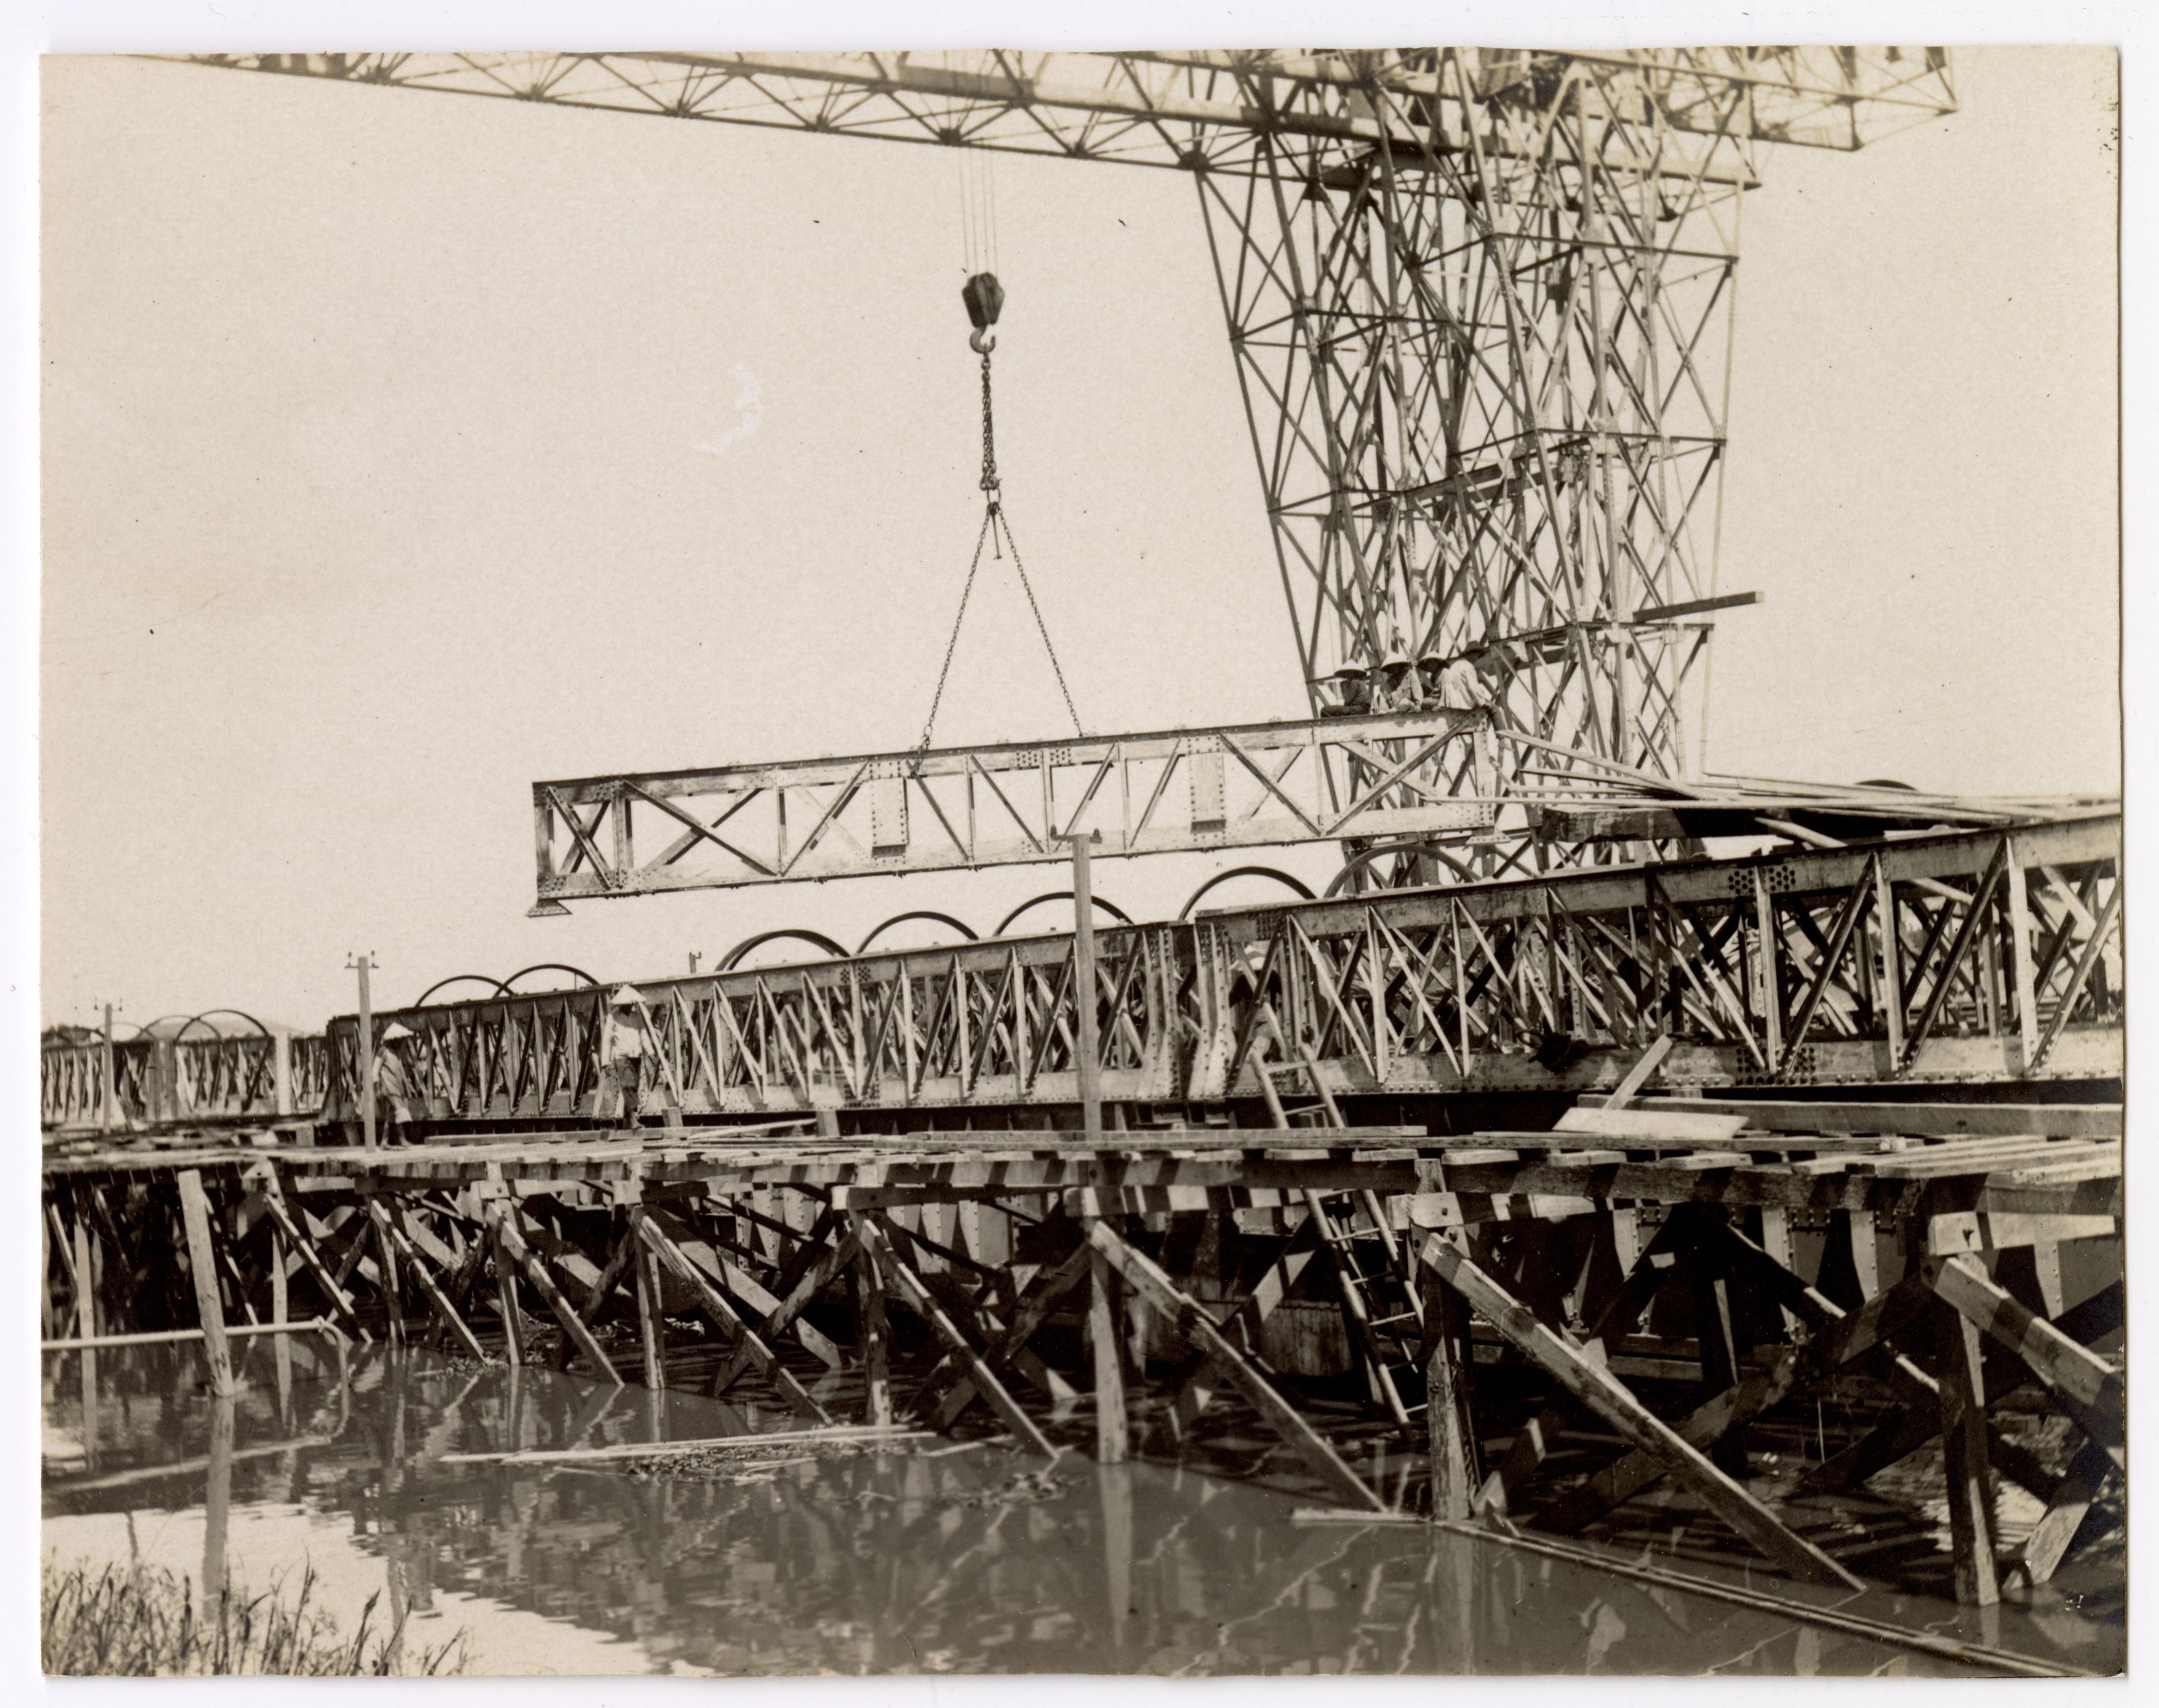 Photographie d'ouvriers indochinois et contremaîtres sur le chantier de construction d'un quai sur la rive droite de la rivière de Saigon, 1907-1910 : pont roulant.